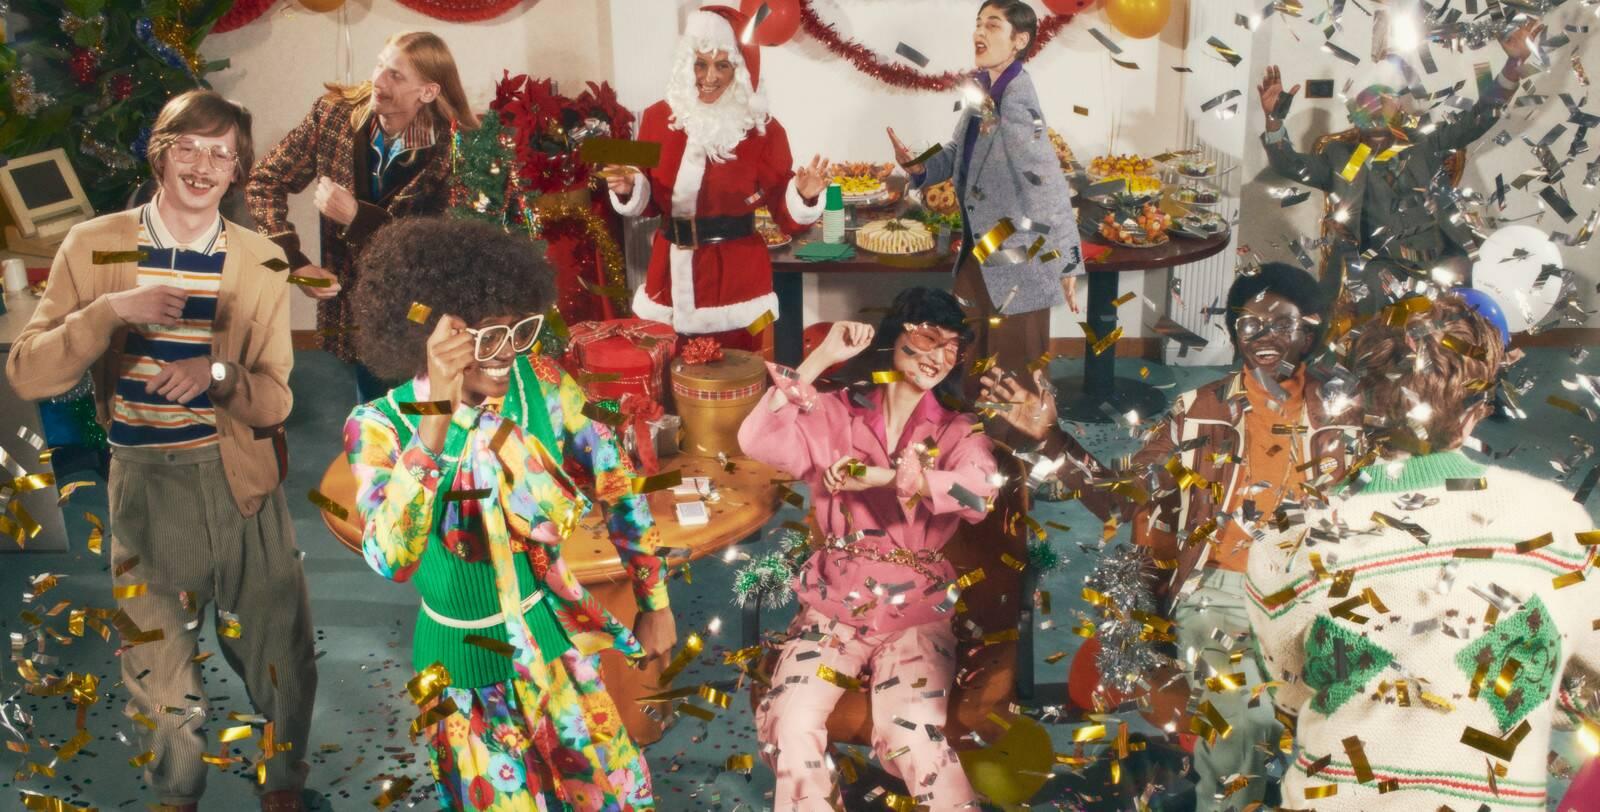 Nella pubblicità Gucci, modelli e modelle di Gucci festeggiano il Natale ballando tra lustrini dorati, trasformando il loro ufficio in una pista da ballo. Fonte: Marketing Ignorante